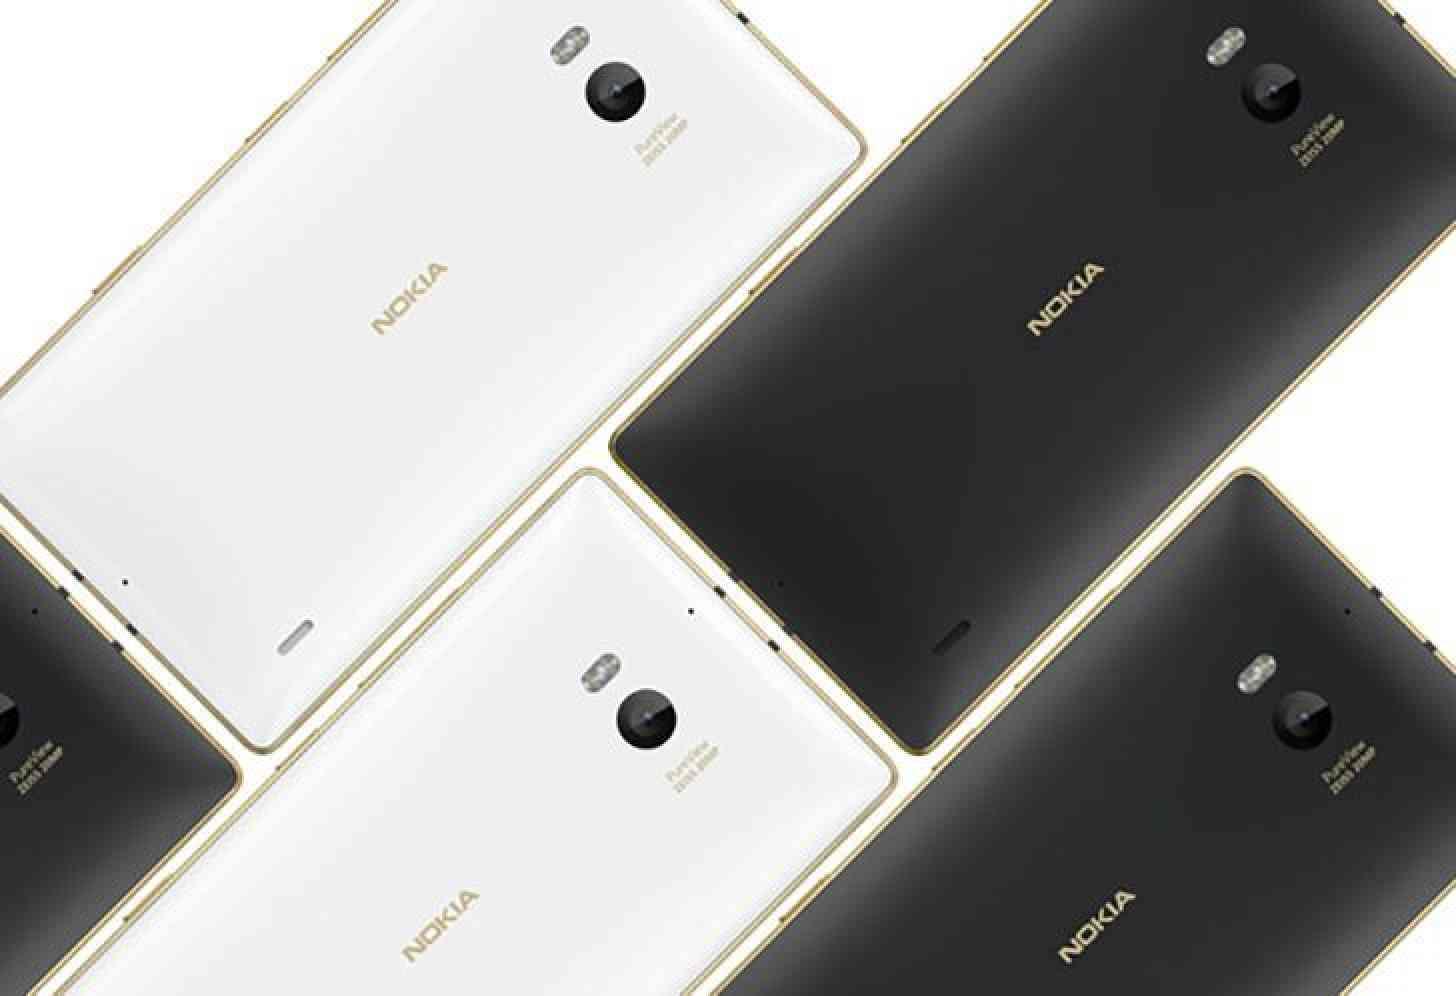 Gold Nokia Lumia 930 white, black official